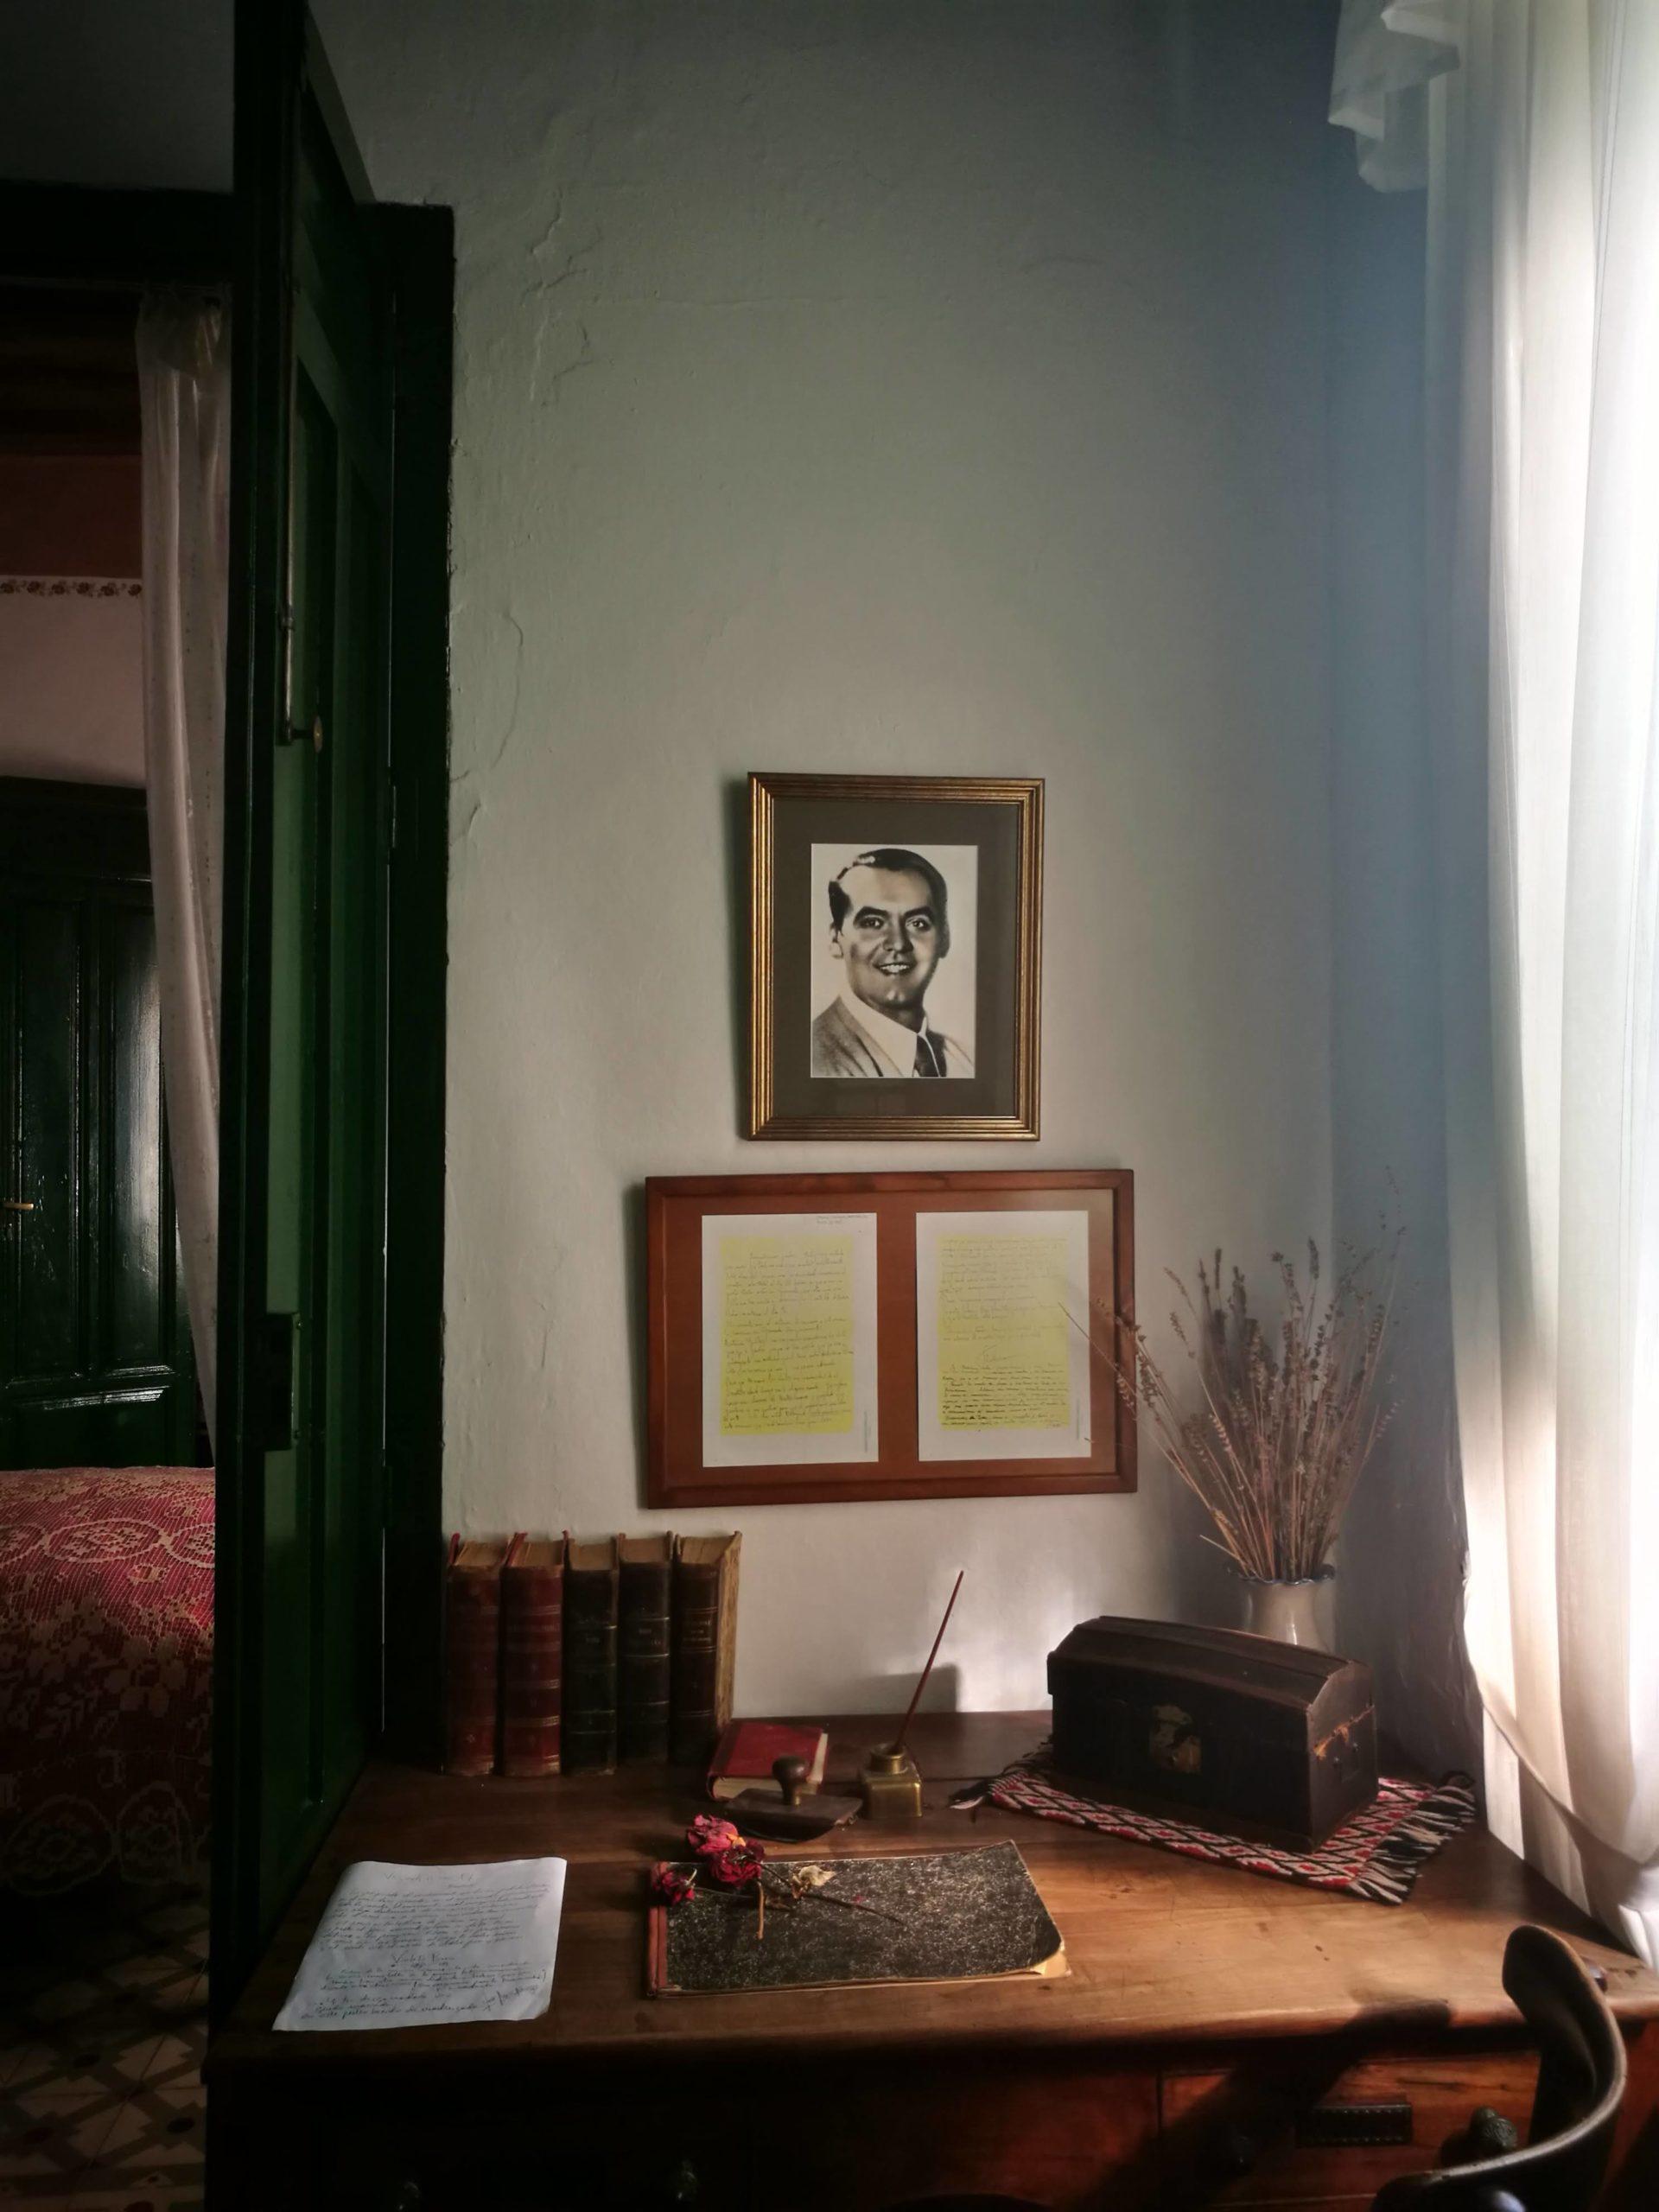 Lorenza Spolaore - Federico García Lorca